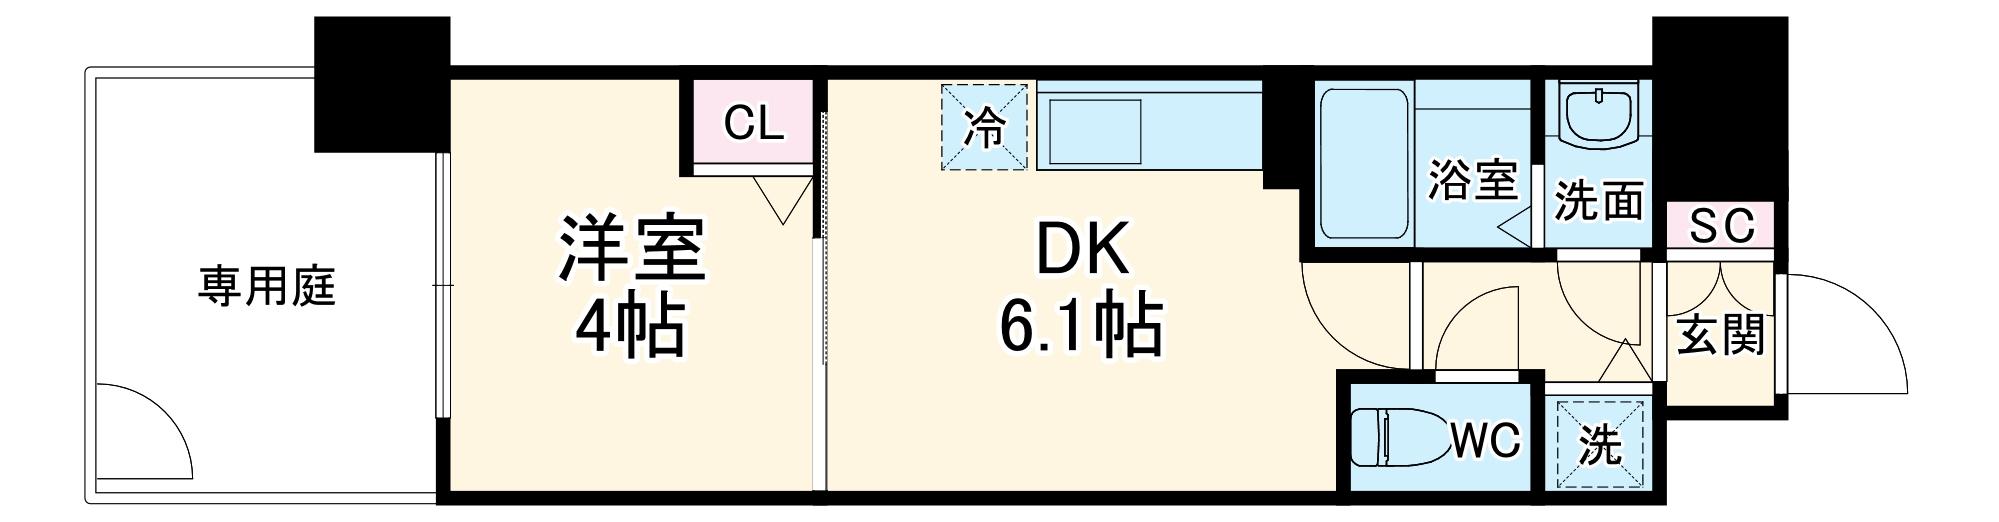 アスヴェル京都太秦 111号室の間取り